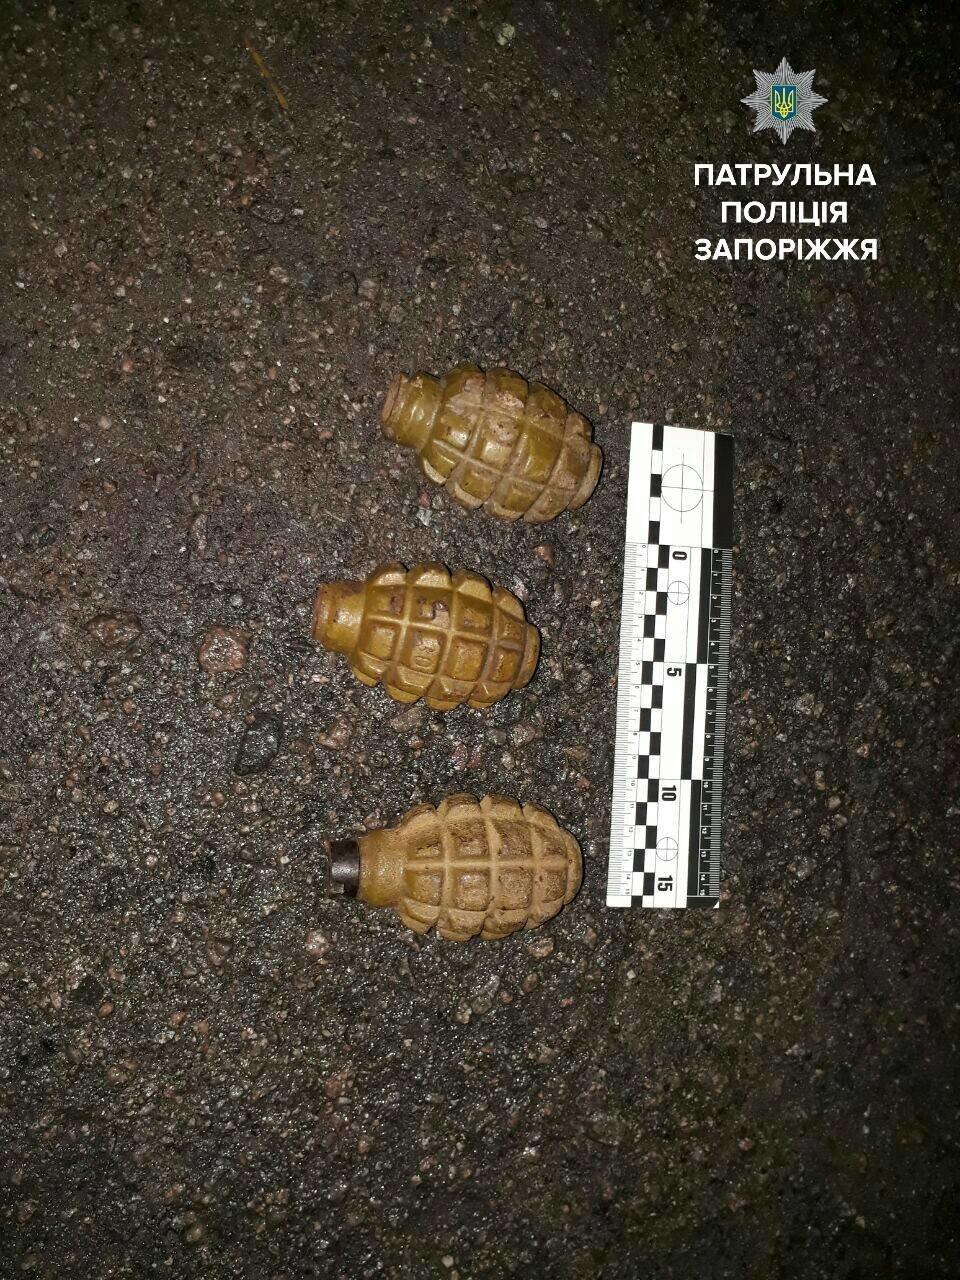 В Запорожье по городу ходил мужчина с тремя гранатами, – ФОТО, фото-2